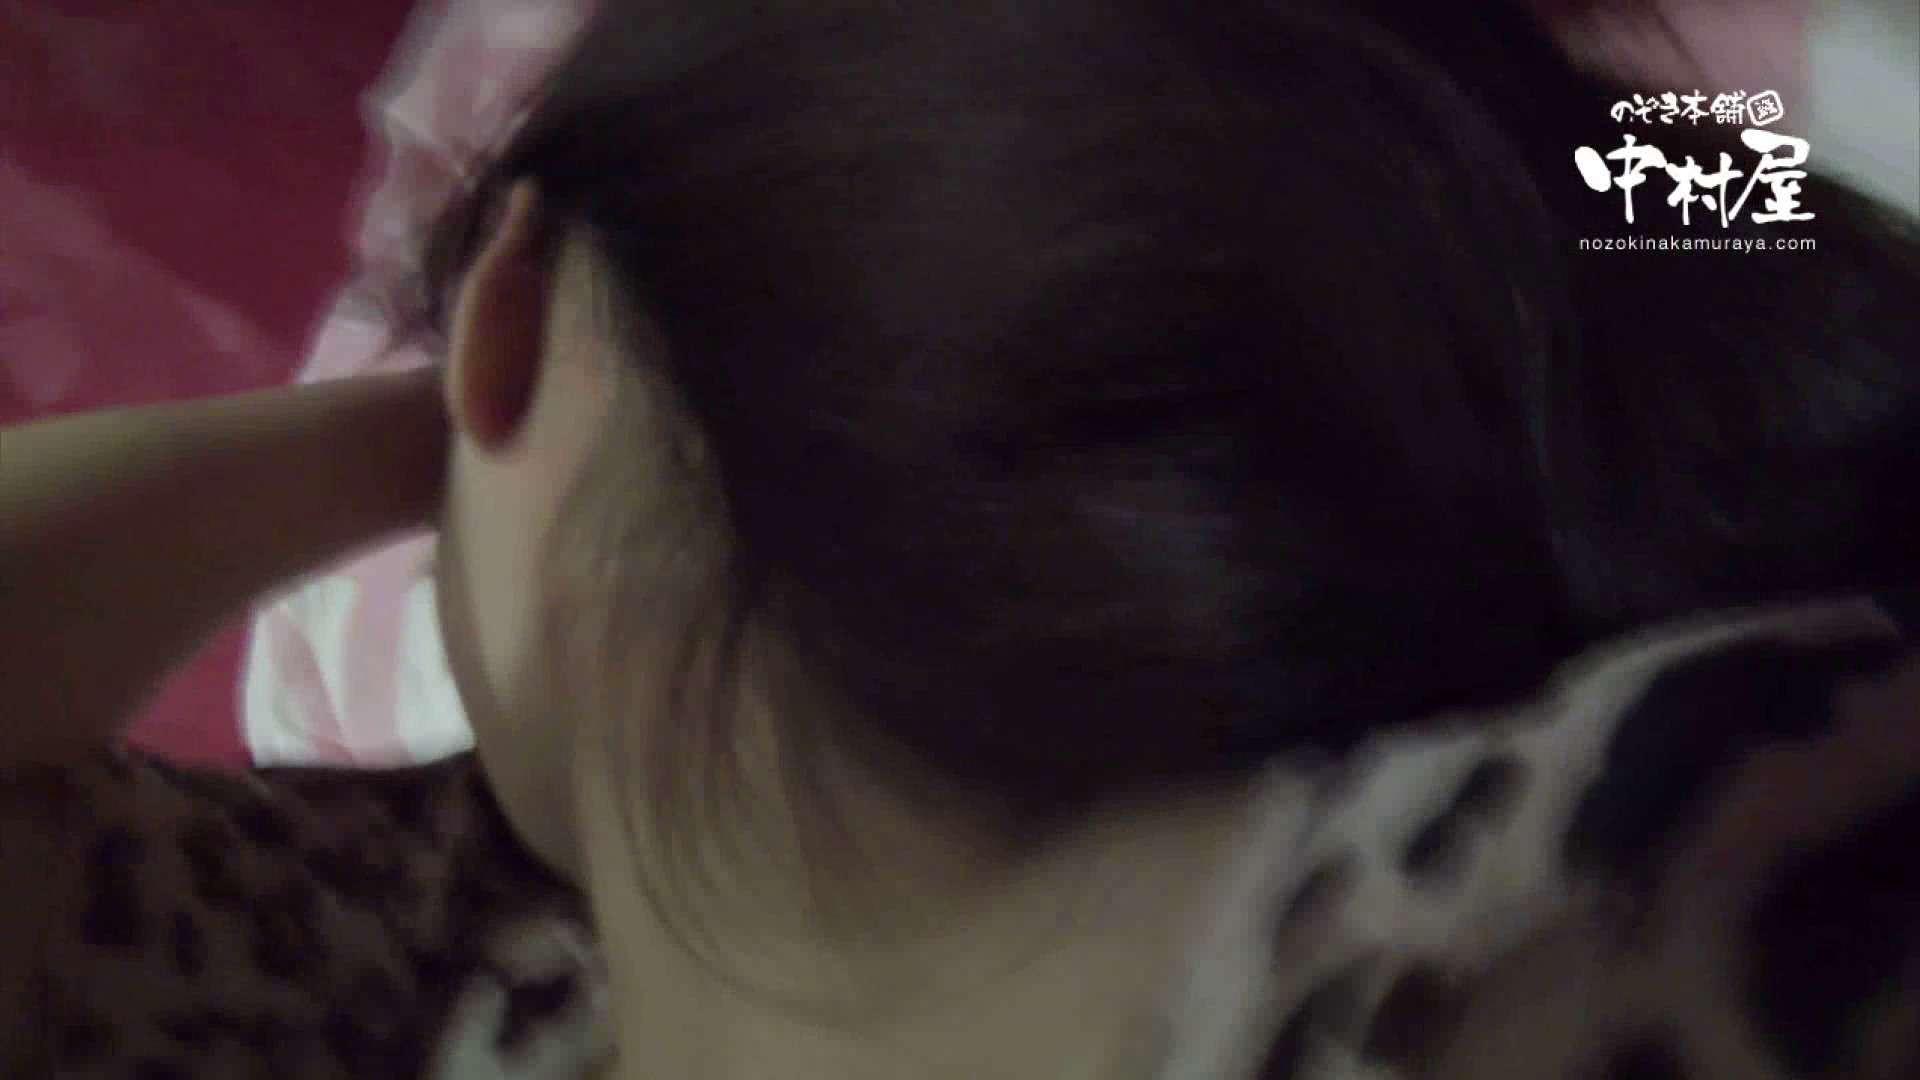 鬼畜 vol.01 誰もこないよ! エロティックなOL | 鬼畜  90画像 52